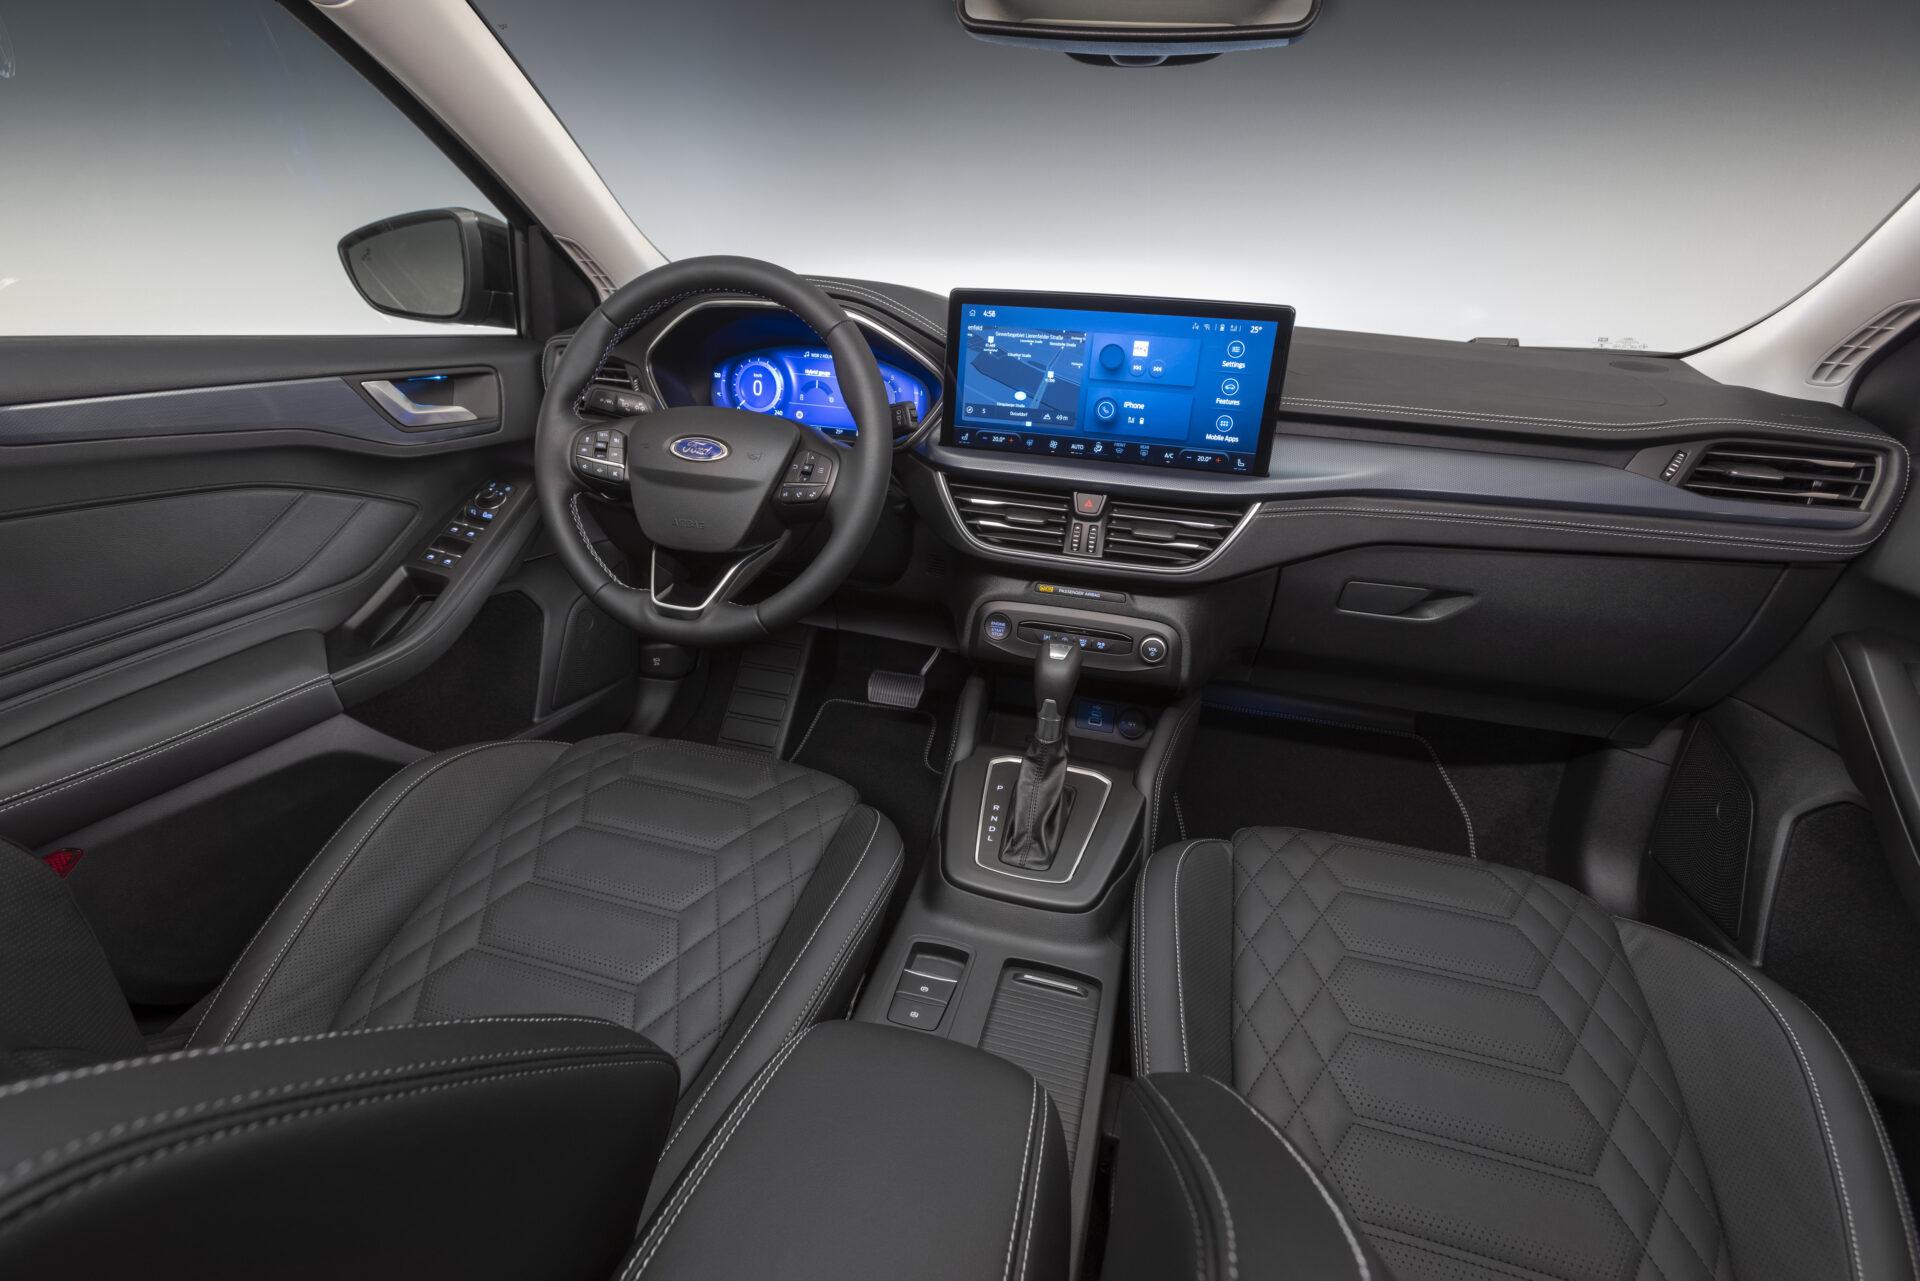 Ford Focus 2022 interior